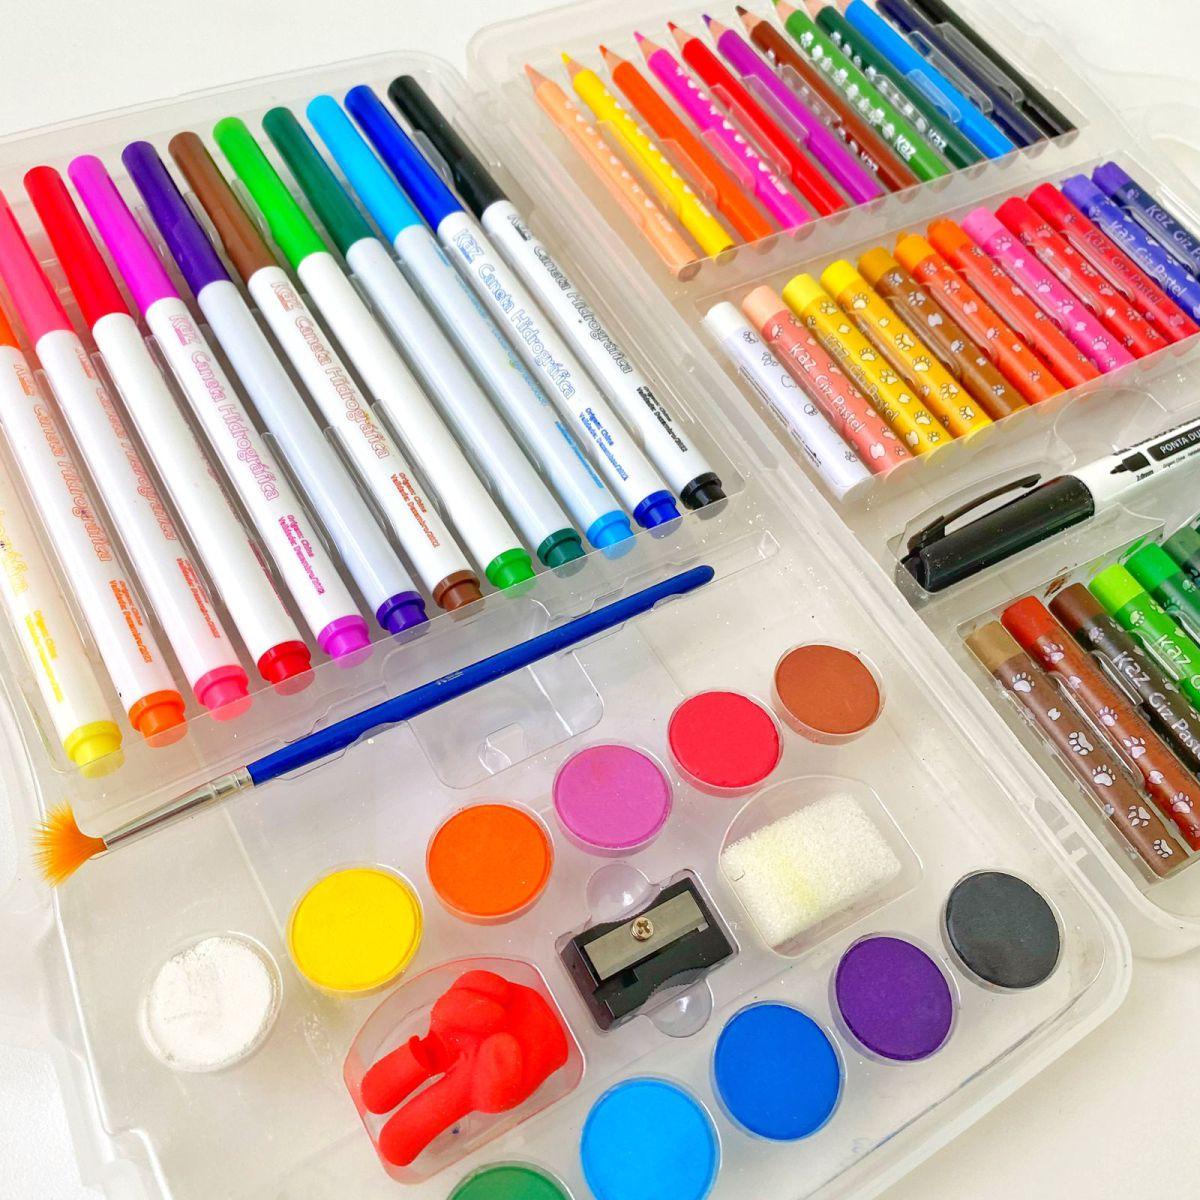 Maleta para Colorir Vários Itens - Giz, Hidrocor, Aquarela, Lápis de Cor + pincel | Kaz